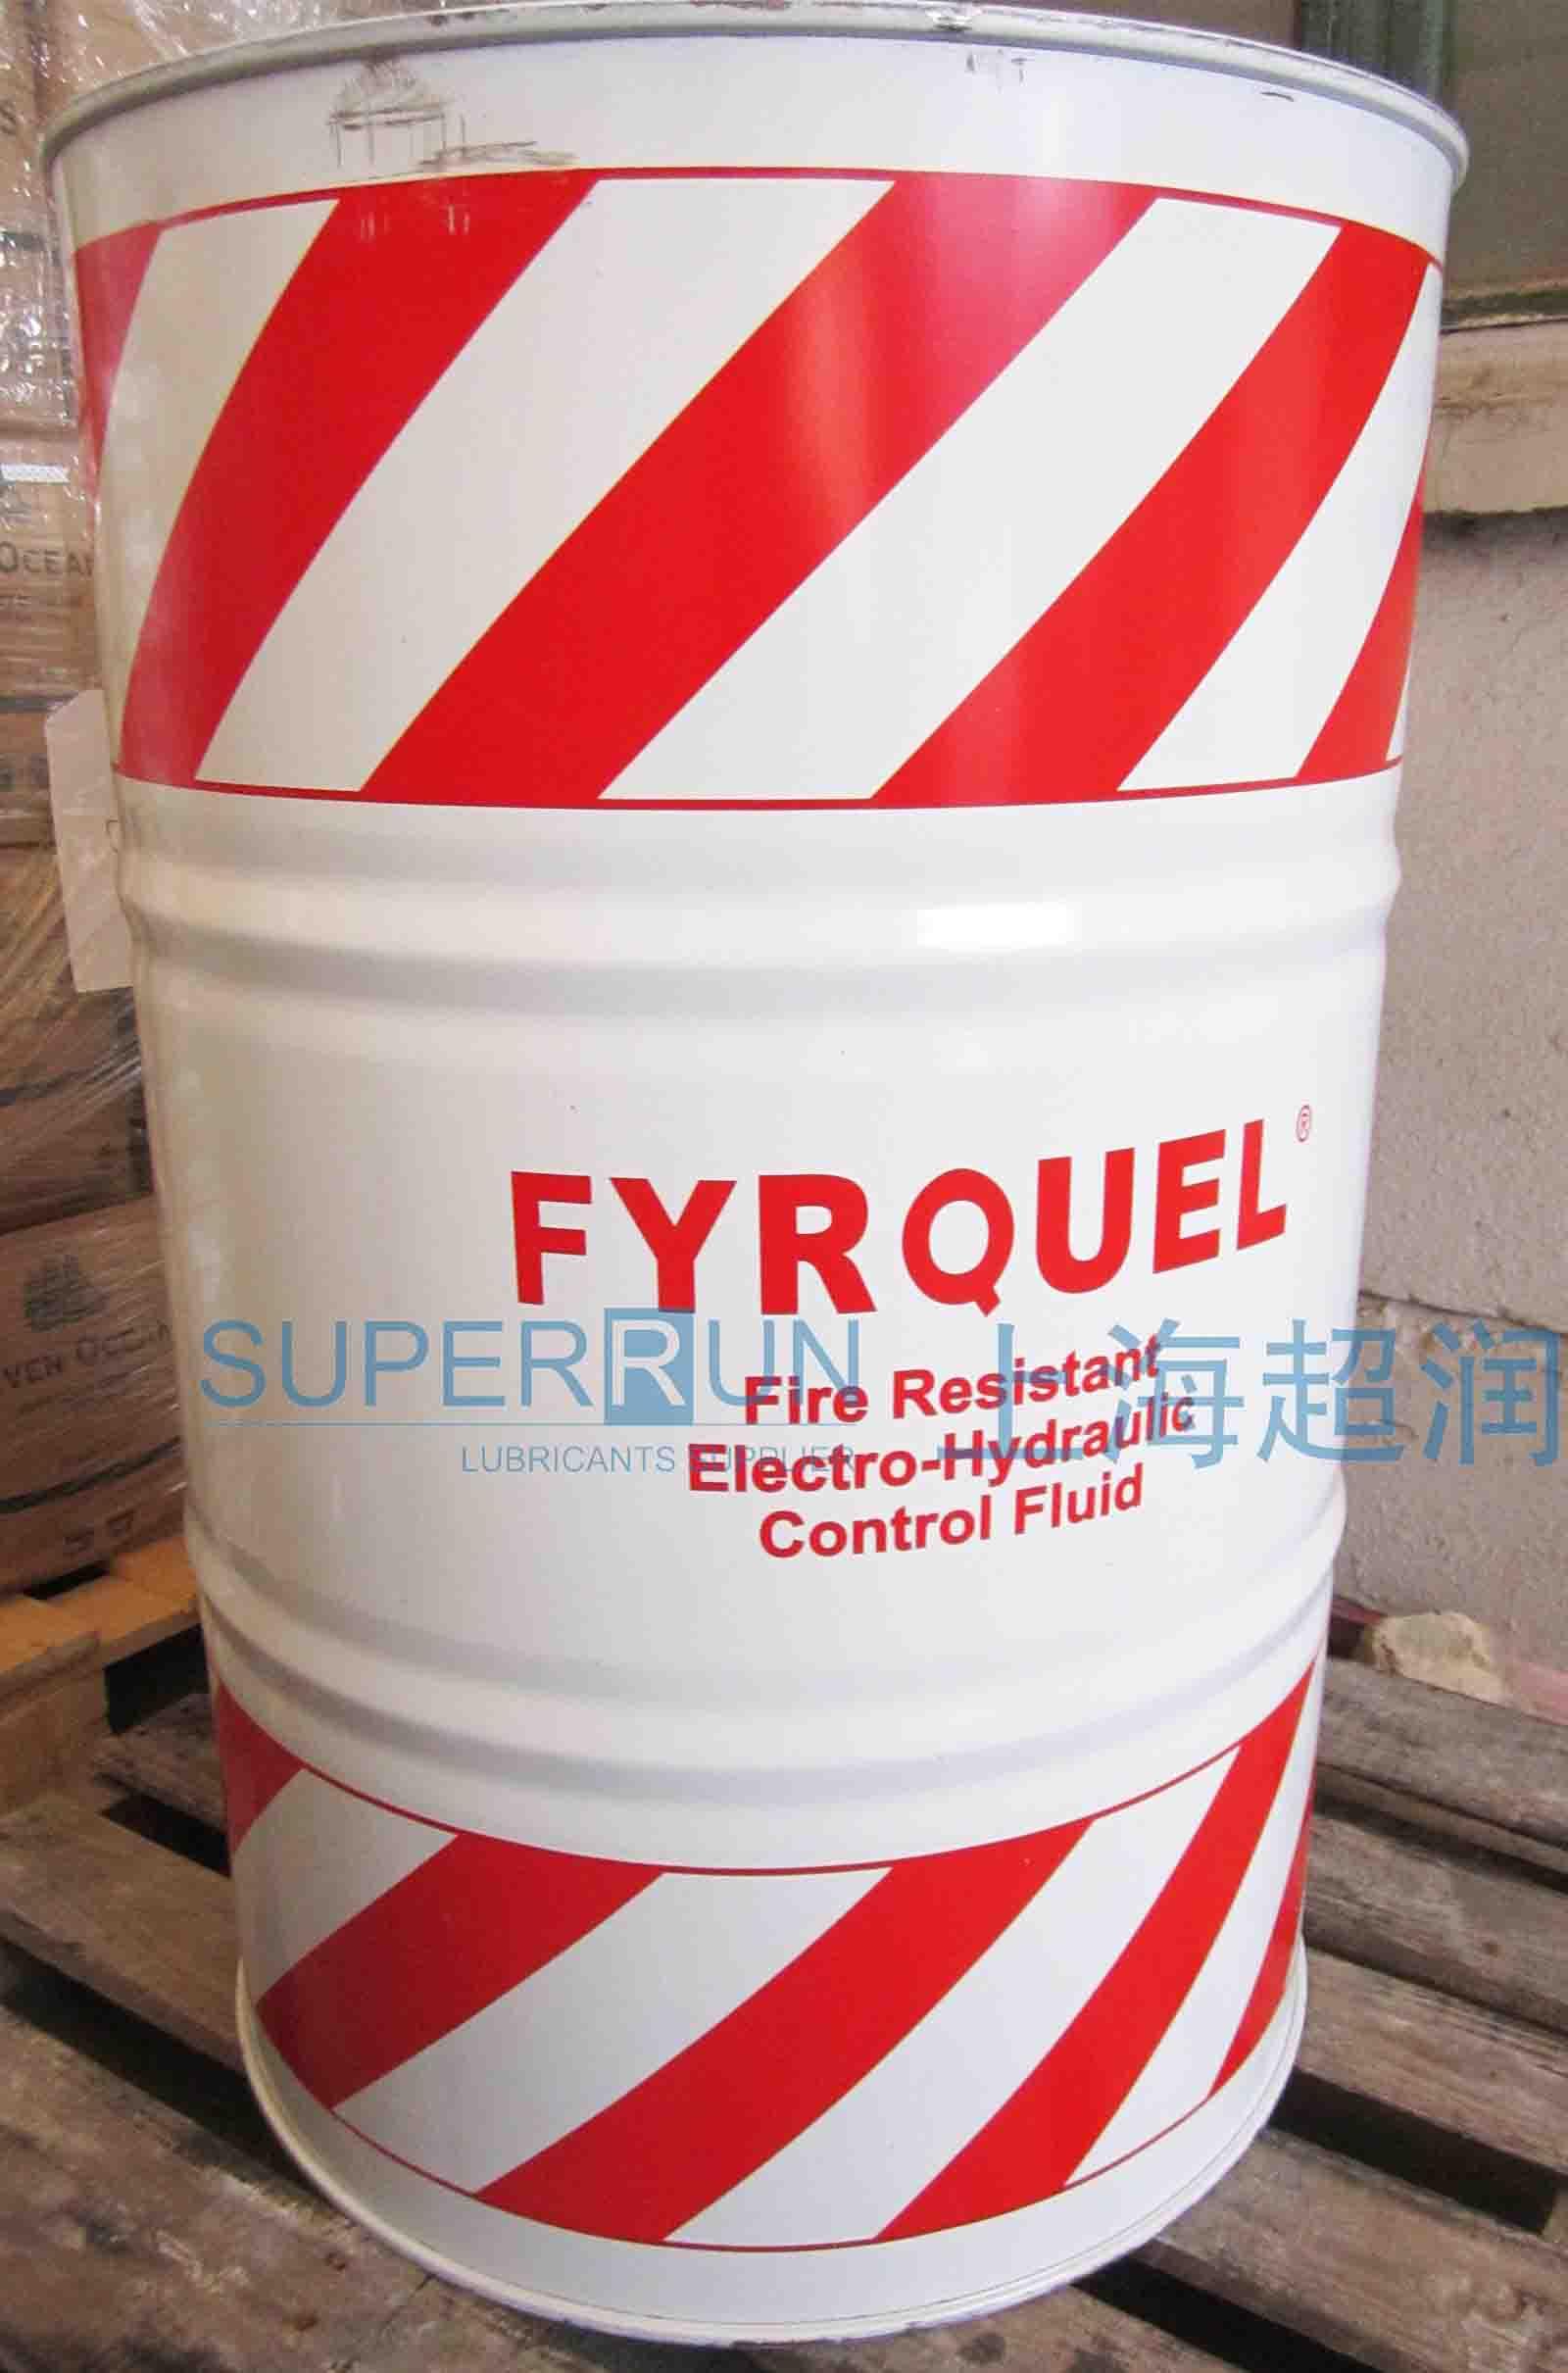 FYRQUEL EHC PLUS电动液压控制液